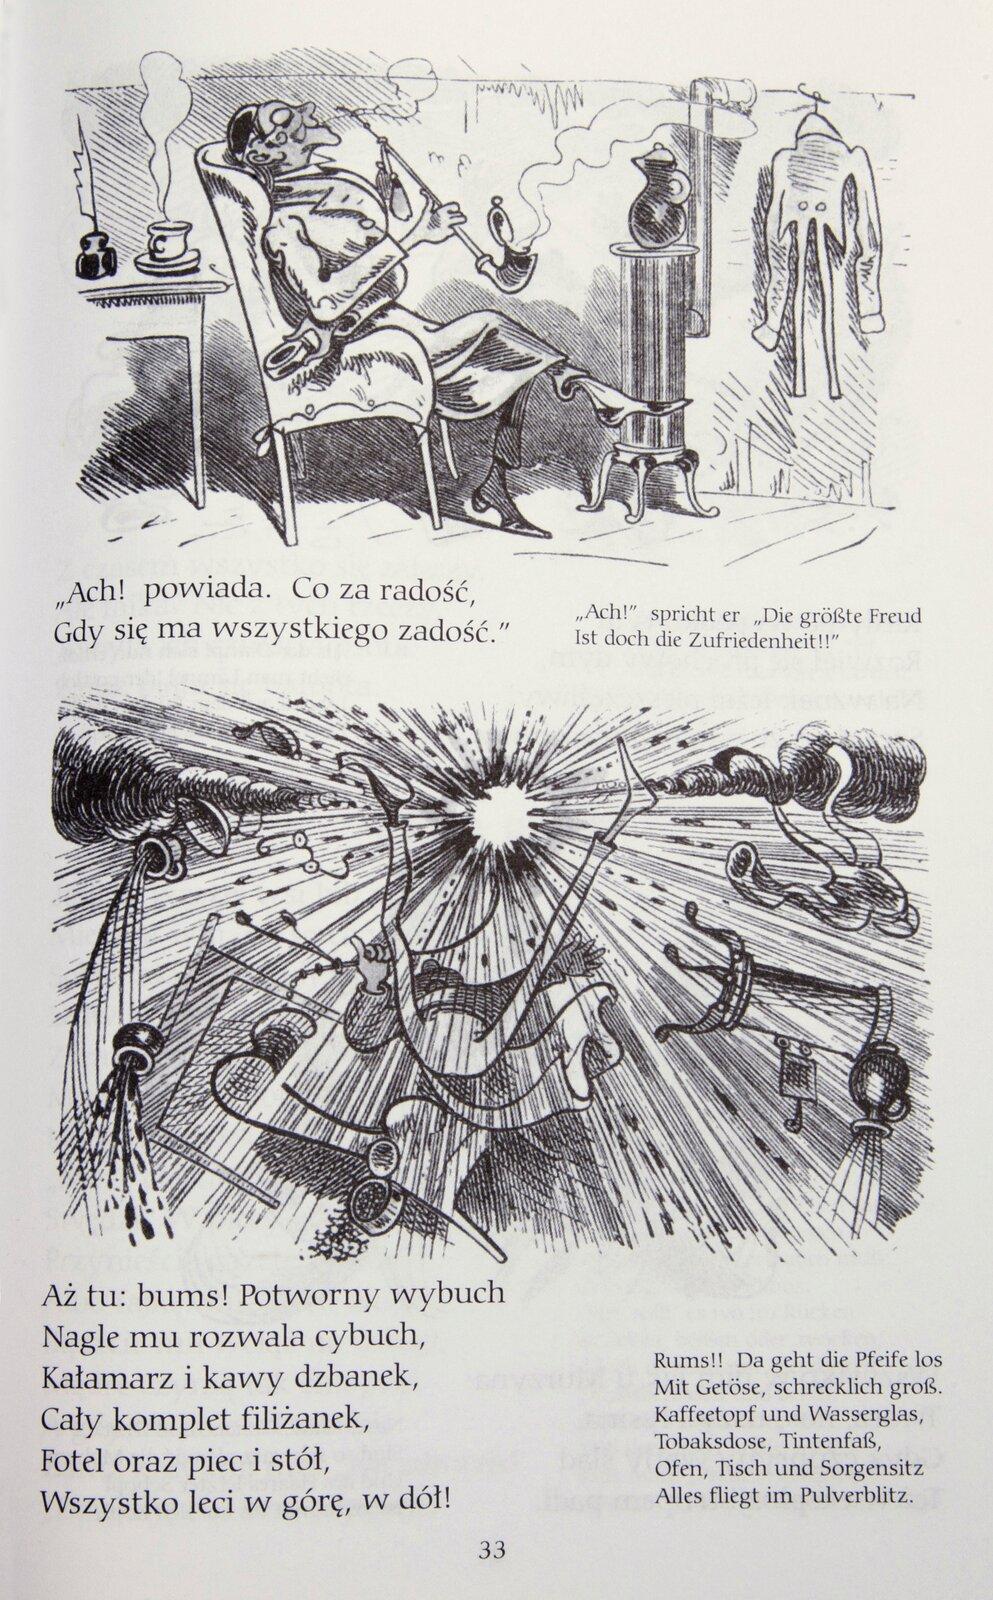 """Ilustracja przedstawia fragment historyjki obrazkowej Wilhelma Buscha """"Maks iMoryc"""", stronę 33. Na stronie widnieją dwa obrazki. Na obrazku powyżej przedstawiono mężczyznę siedzącego wfotelu, zaczynającego palić dużej wielkości fajkę. Za nim, na szafce stoi parujący napój wkubku. Pod ilustracją widnieje napis: """"Ach! Powiada. Co za radość, Gdy się ma wszystkiego zadość."""" Na obrazku poniżej przedstawiony został wybuch inapis poniżej: """"Aż tu: bums! Potworny wybuch Nagle mu rozwala cybuch, Kałamarz ikawy dzbanek, Cały komplet filiżanek, Fotel oraz piec istół, Wszystko leci wgórę, wdół!"""""""